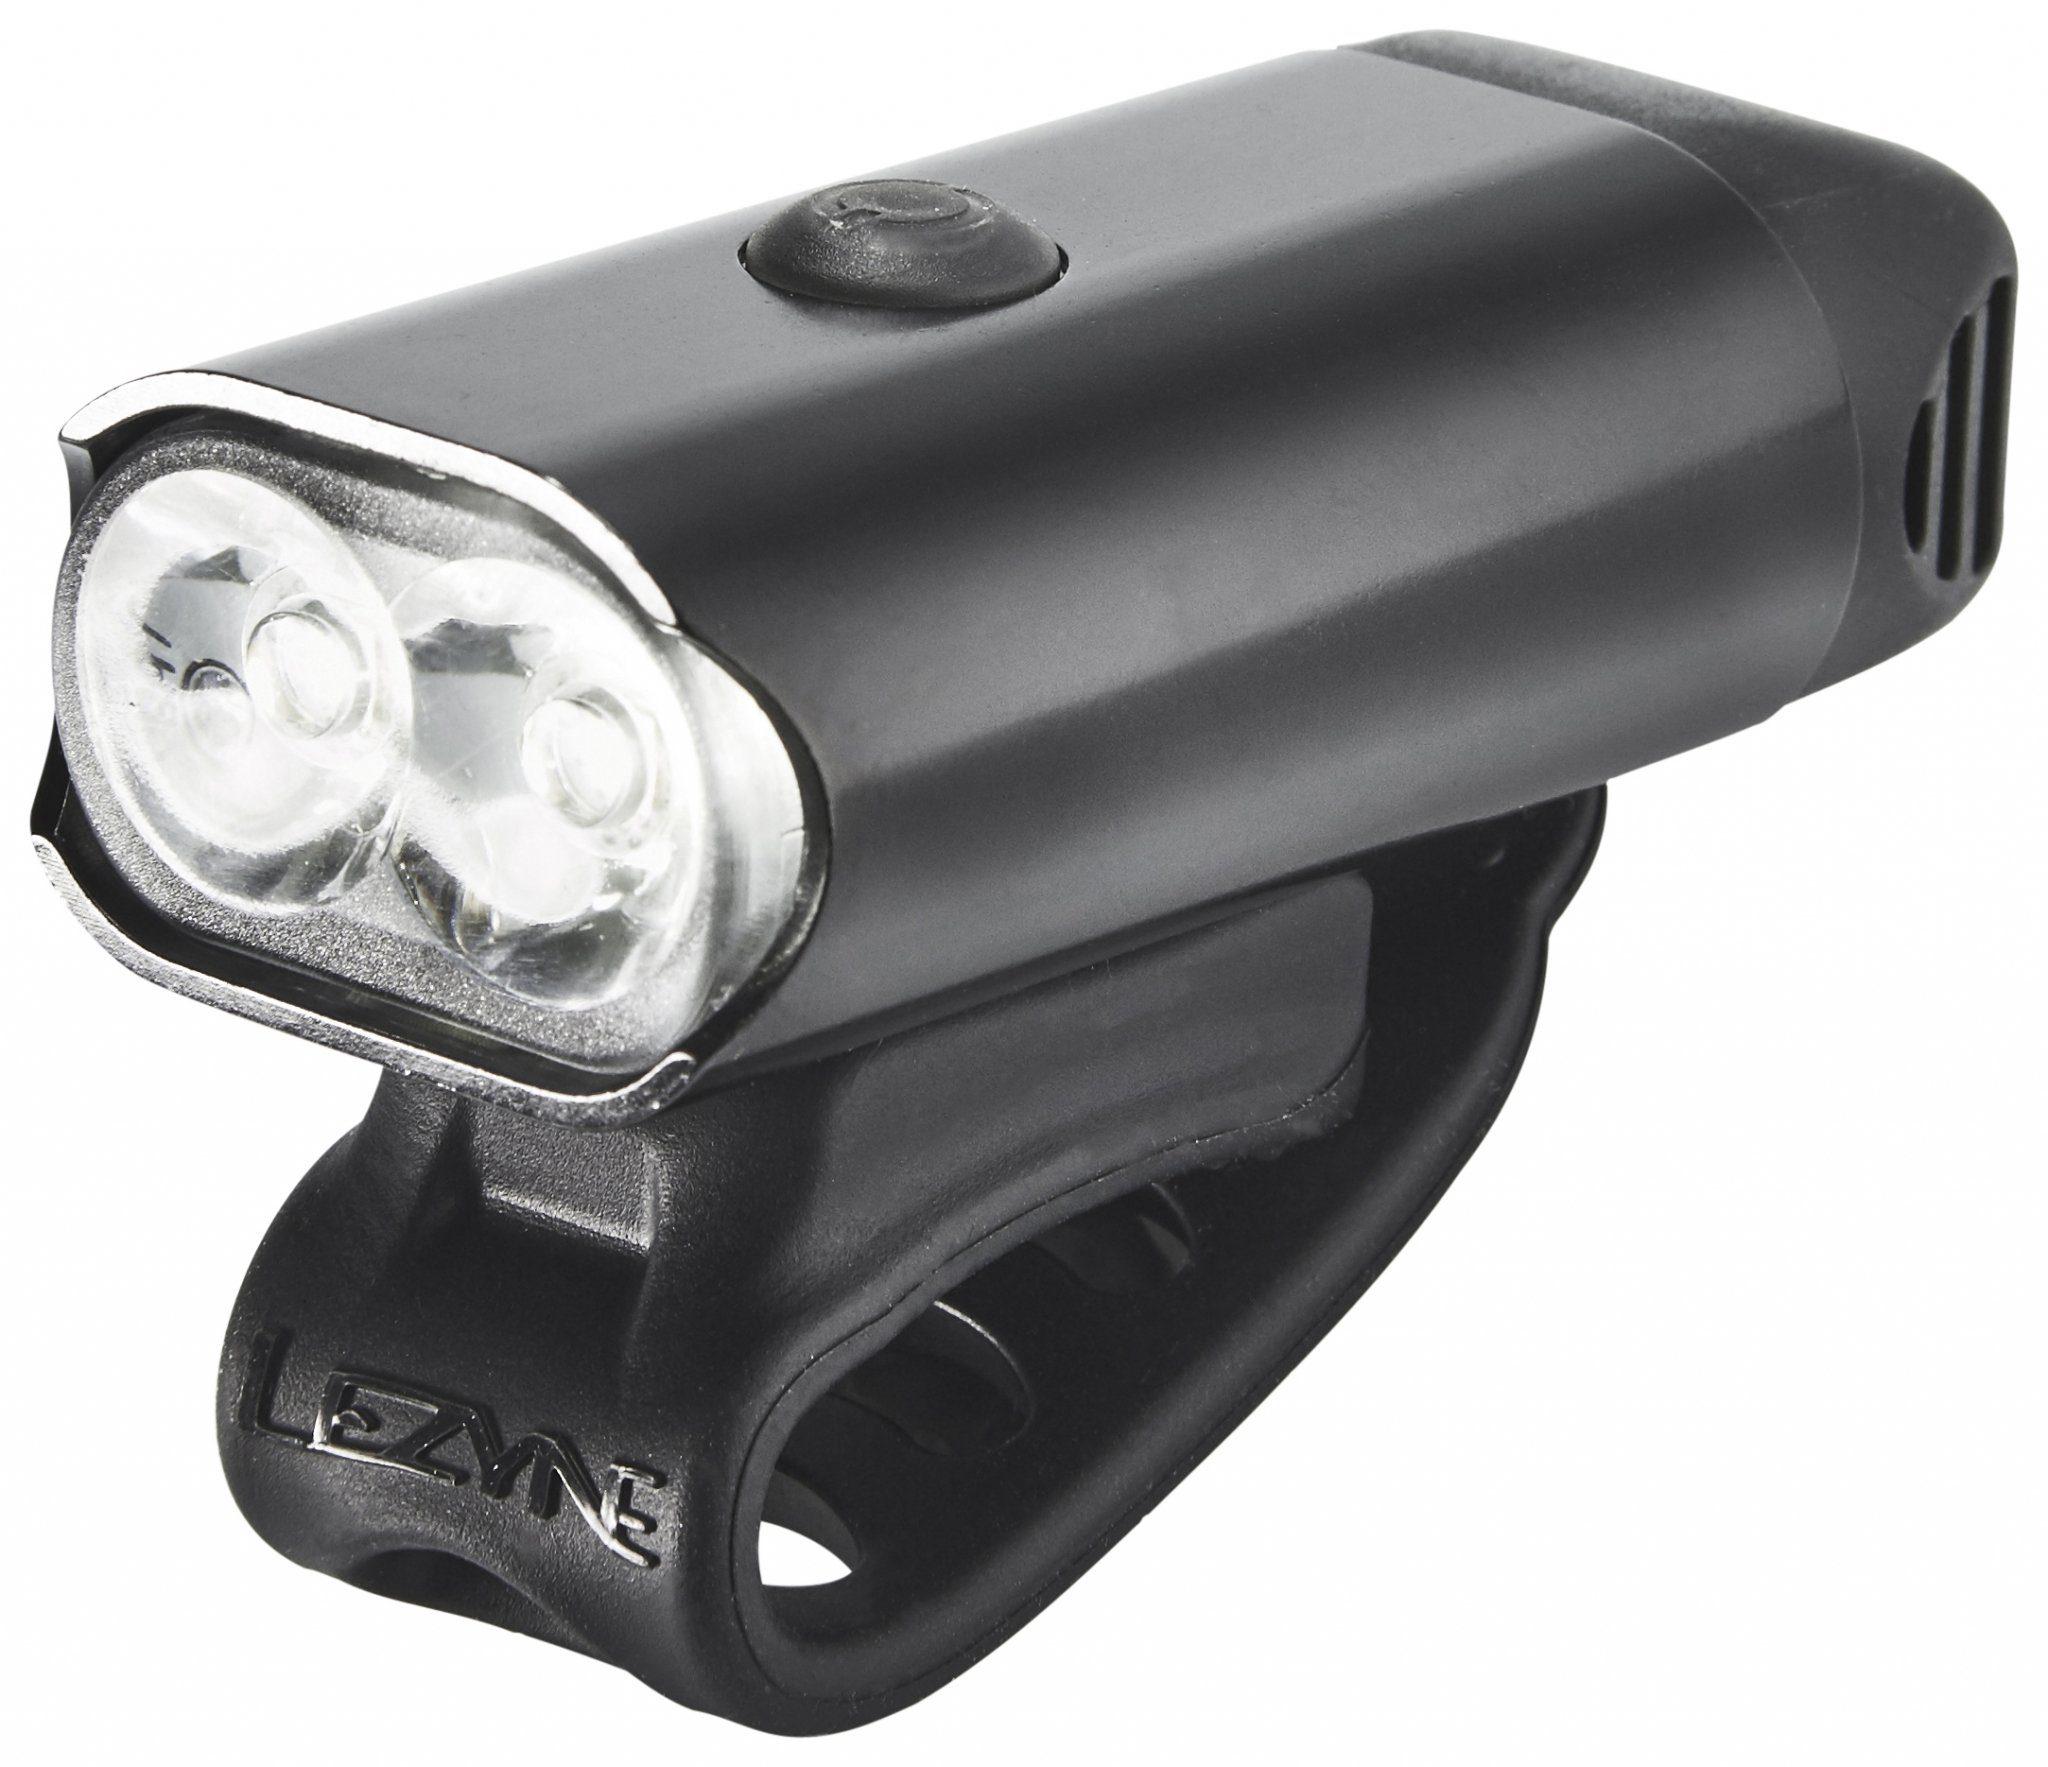 Lezyne Fahrradbeleuchtung »Micro Drive 450 XL«